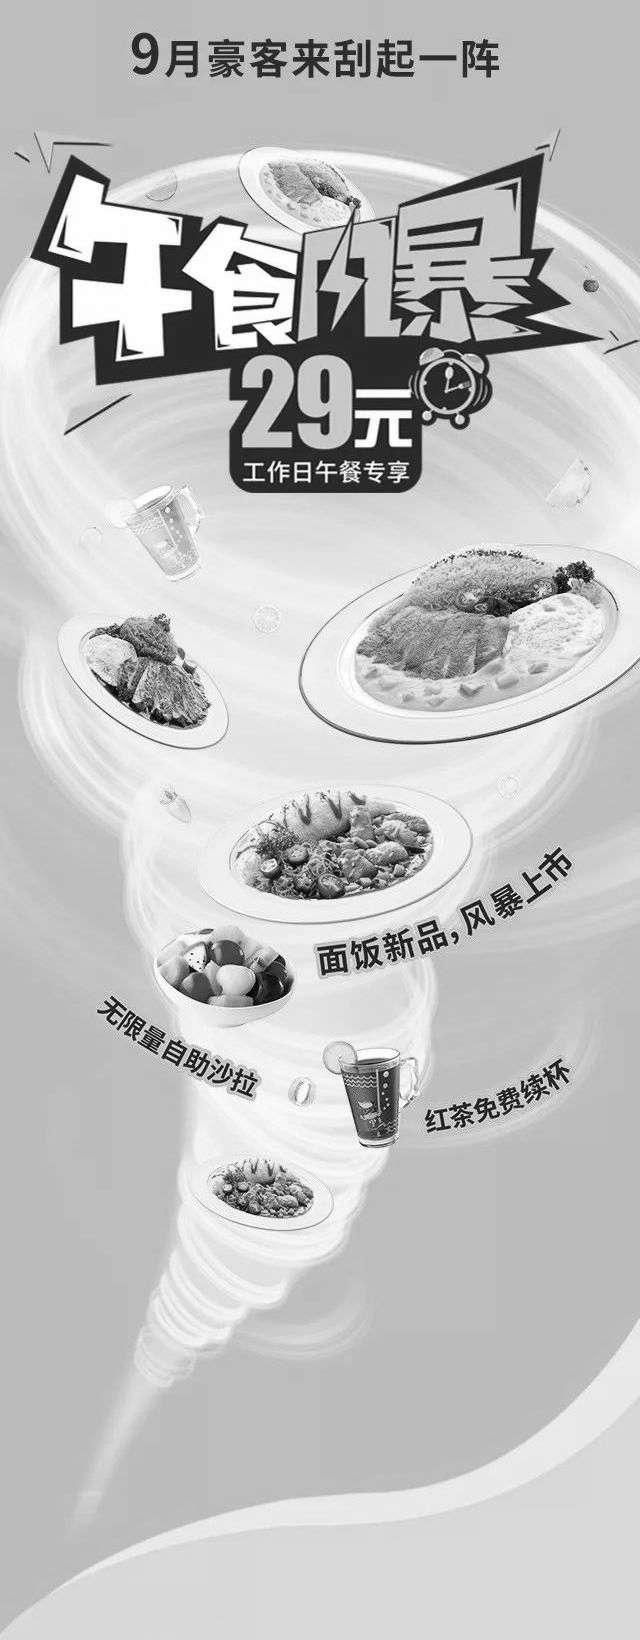 黑白优惠券图片:豪客来2019年9月工作日午餐限时29元起 - www.5ikfc.com